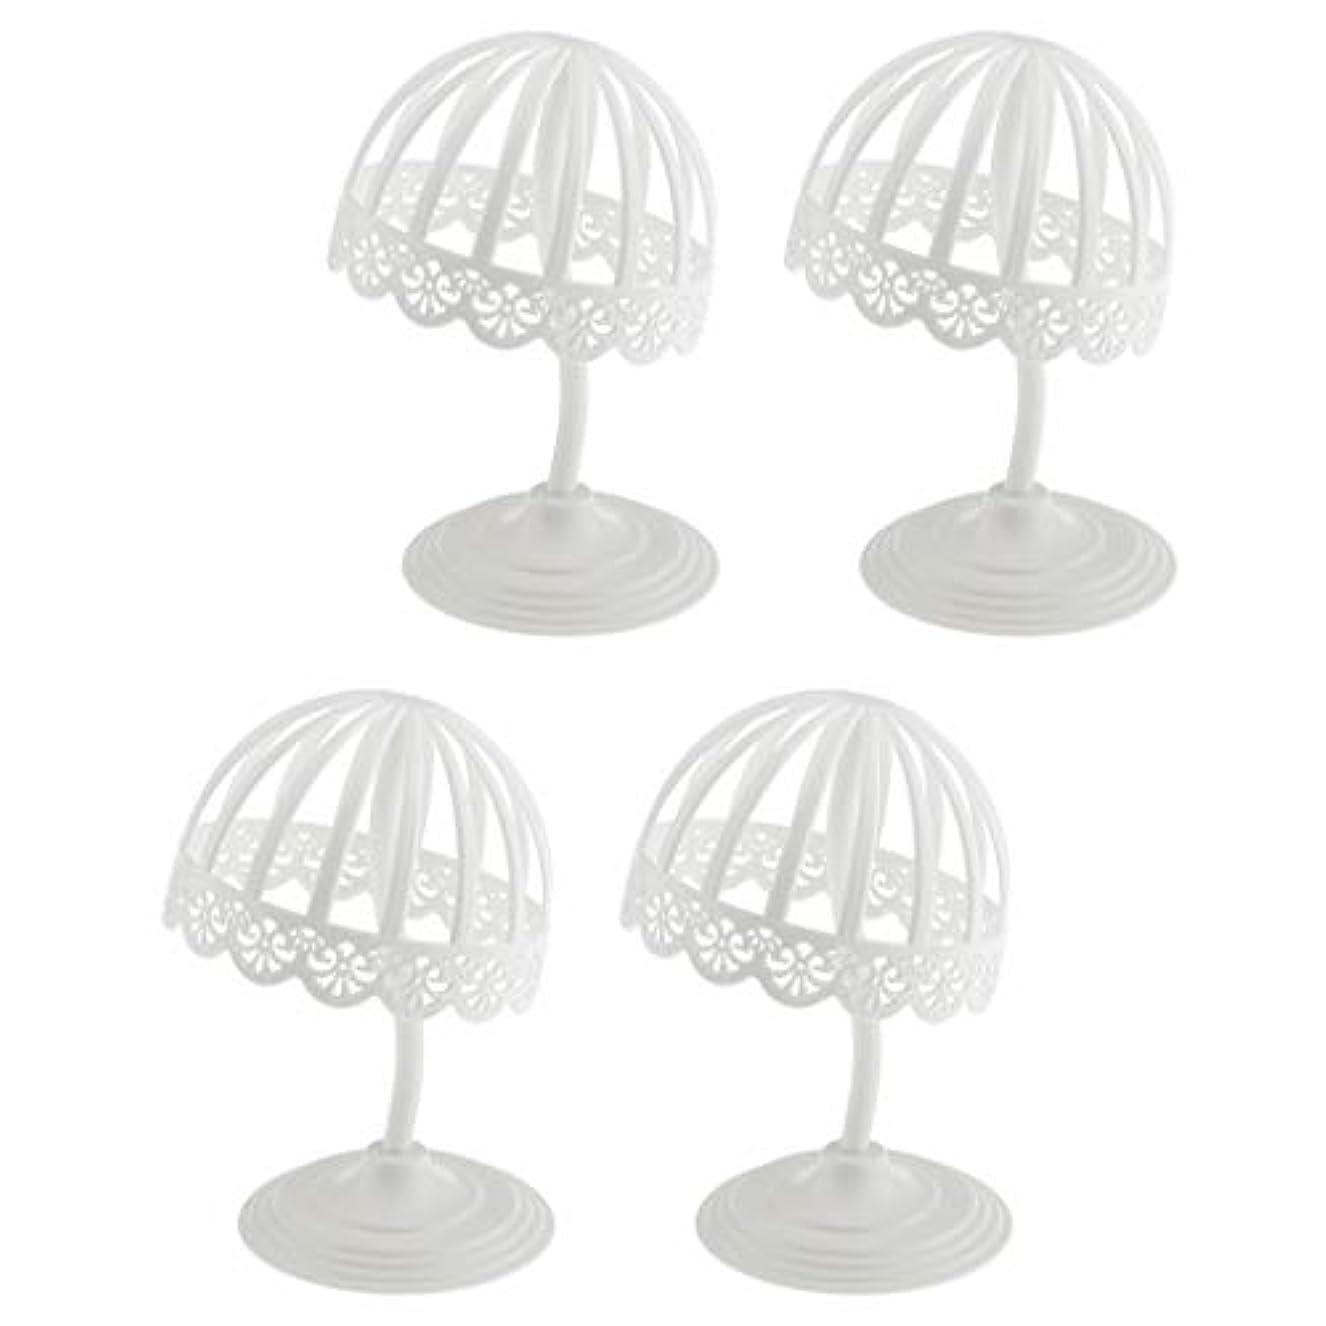 担保意気揚々変位Perfeclan 4個セット ウィッグ スタンド 帽子 収納 ディスプレイ ホルダー プラスチック製 ホワイト